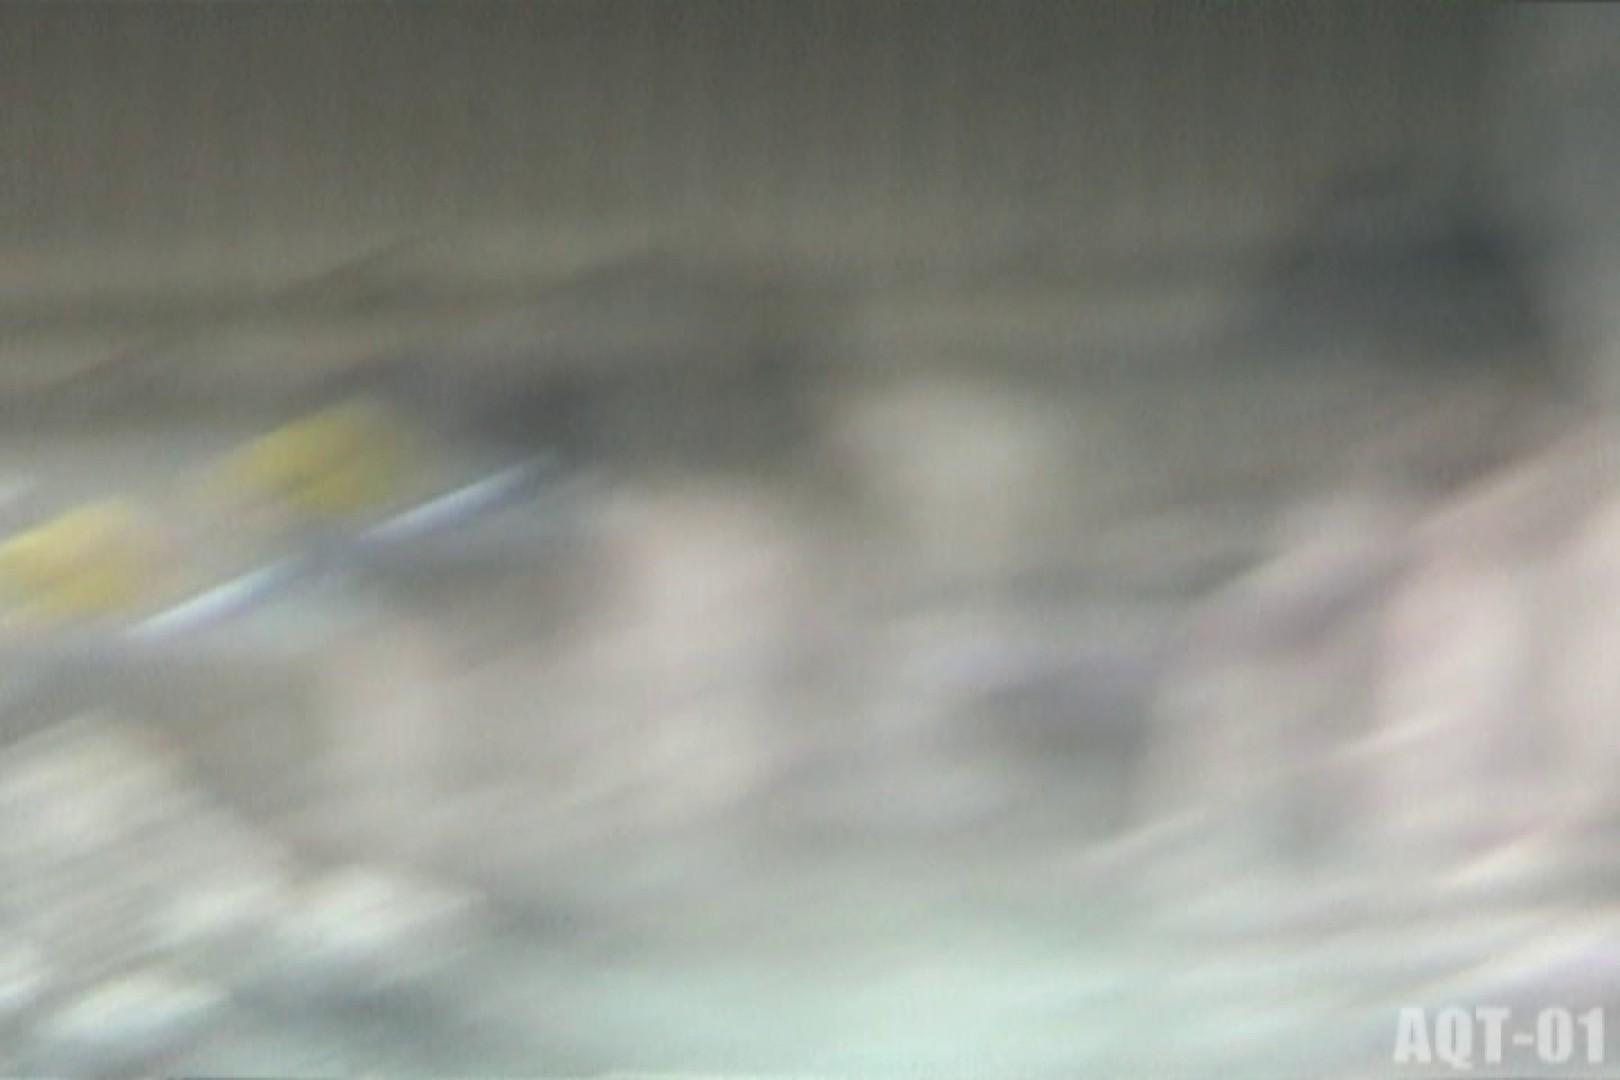 Aquaな露天風呂Vol.718 OLのエロ生活  44連発 15